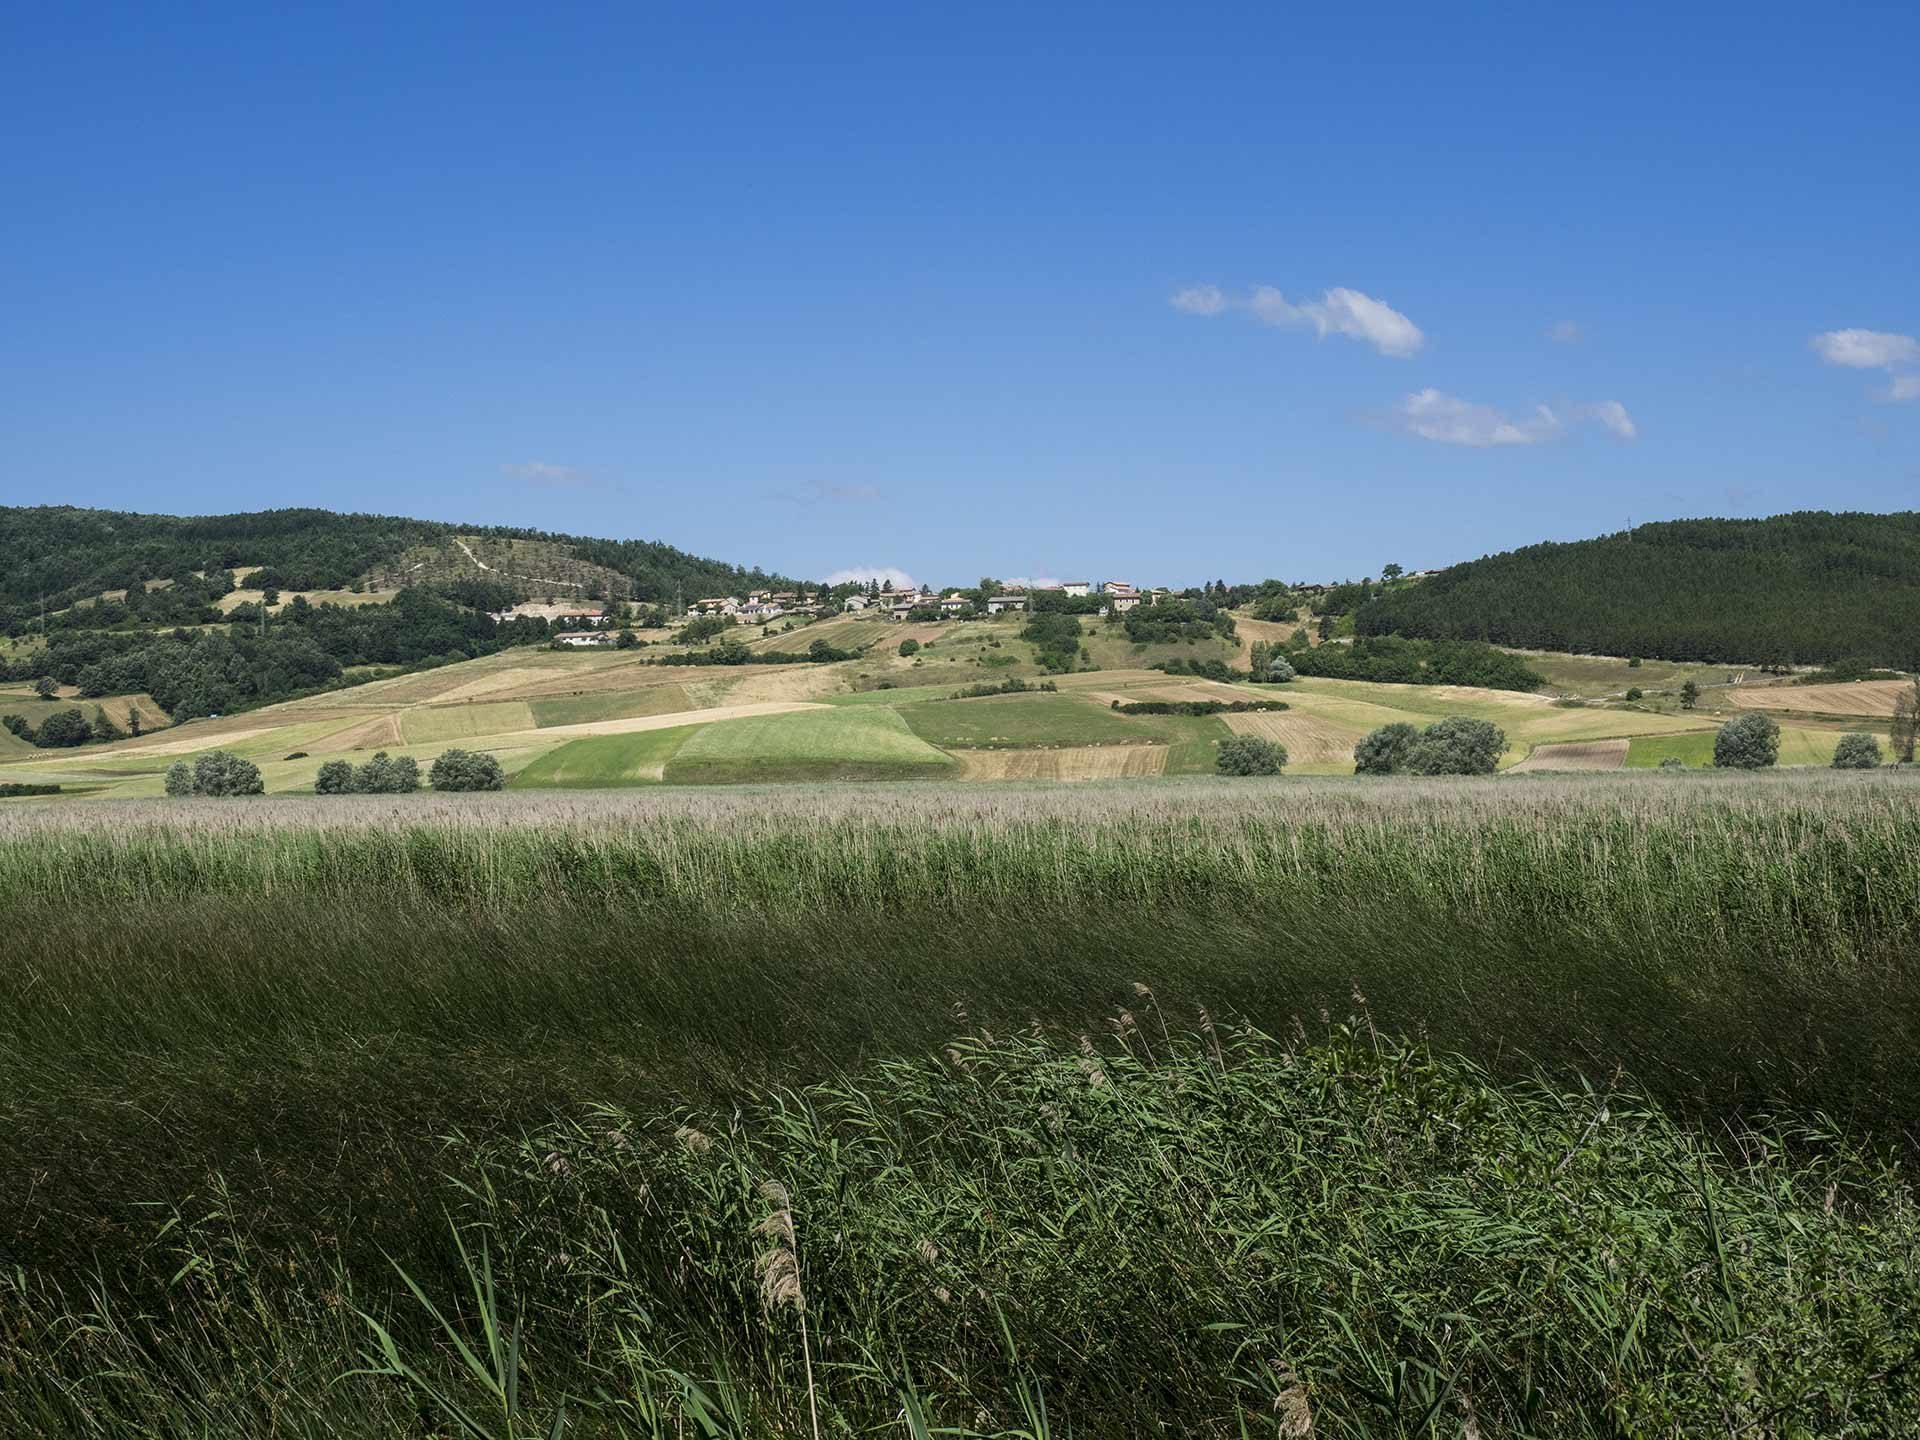 Parco di Colfiorito, il paesaggio, domenica 18 giugno 2017, Festa dei Boschi